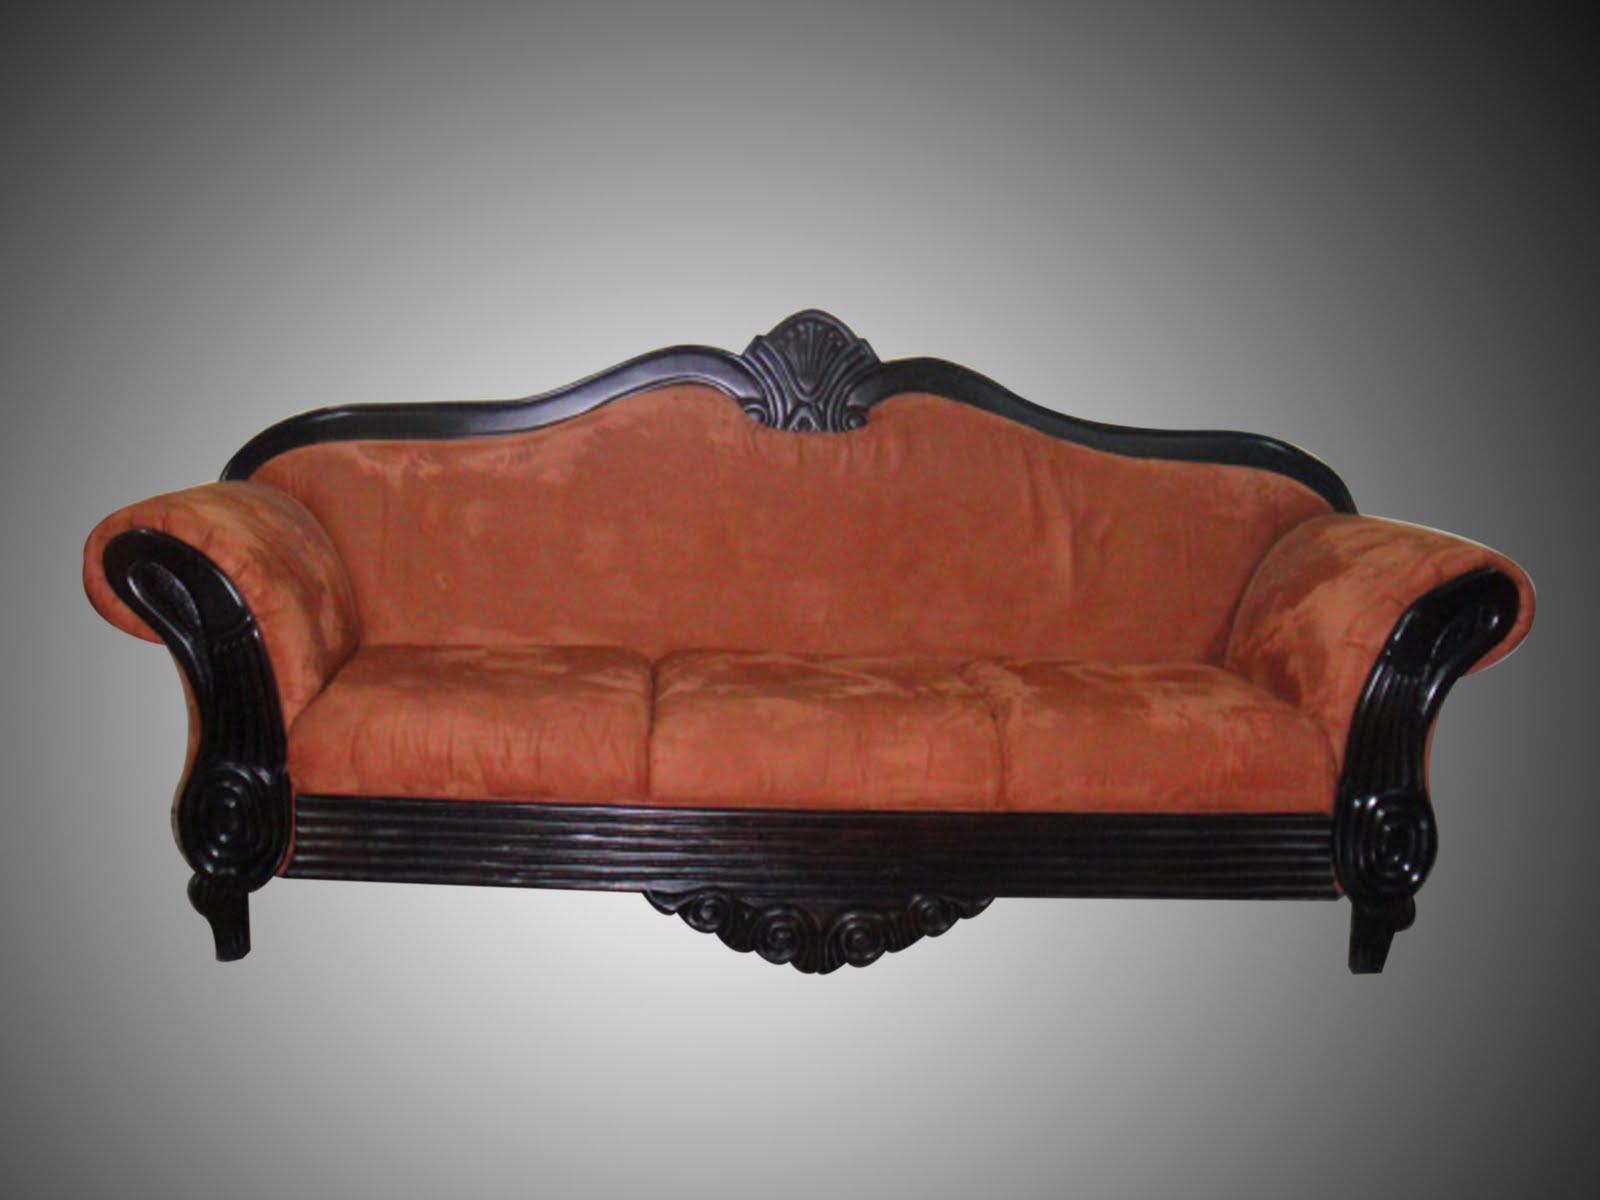 Hurtado Muebles Diseñados y Fabricados 100% en España - imagenes de muebles de sala clasicos